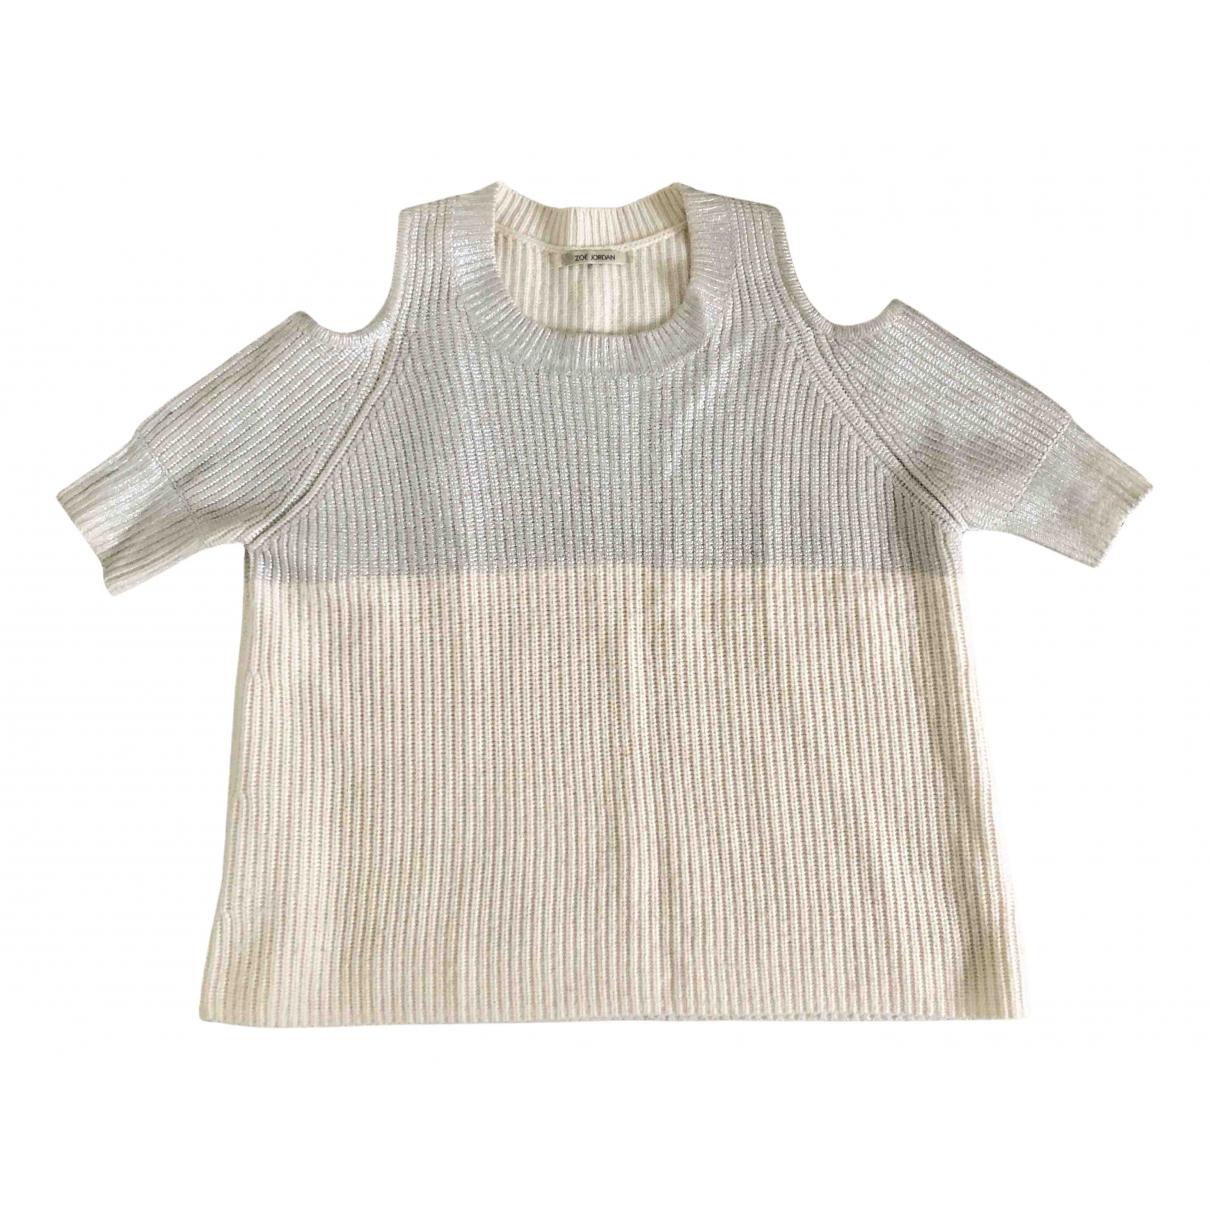 Zoe Jordan N Metallic Cashmere Knitwear for Women M International